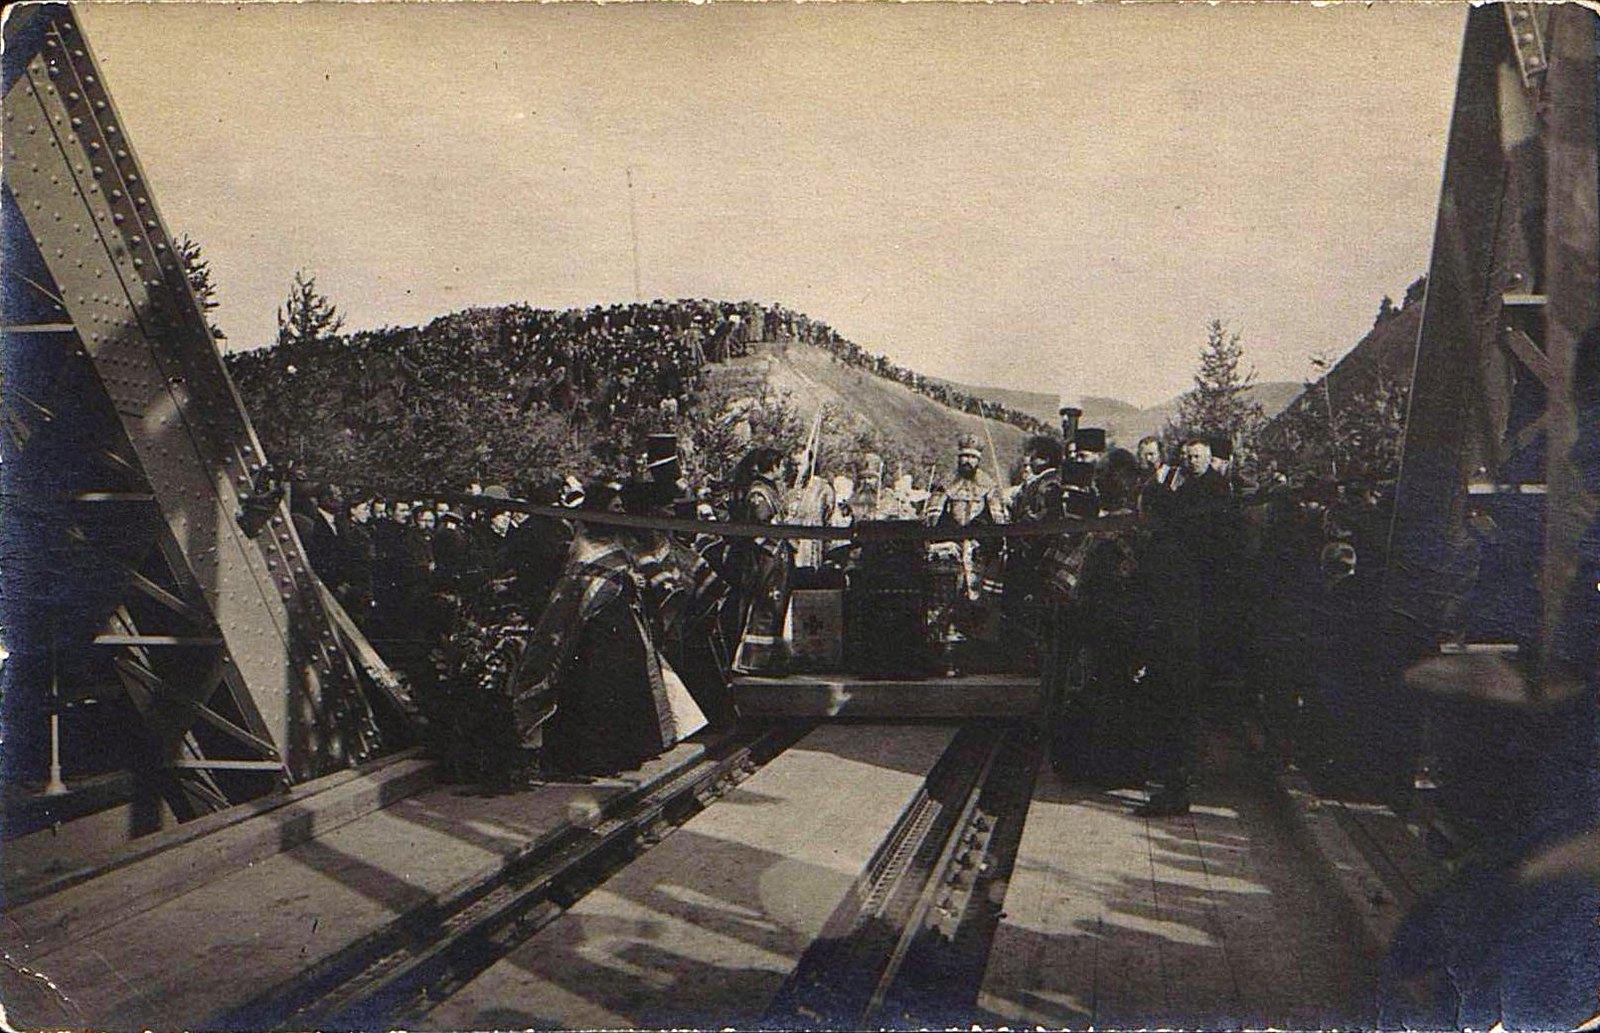 07. 1916. Открытие железнодорожного моста через реку Амур.Октябрь